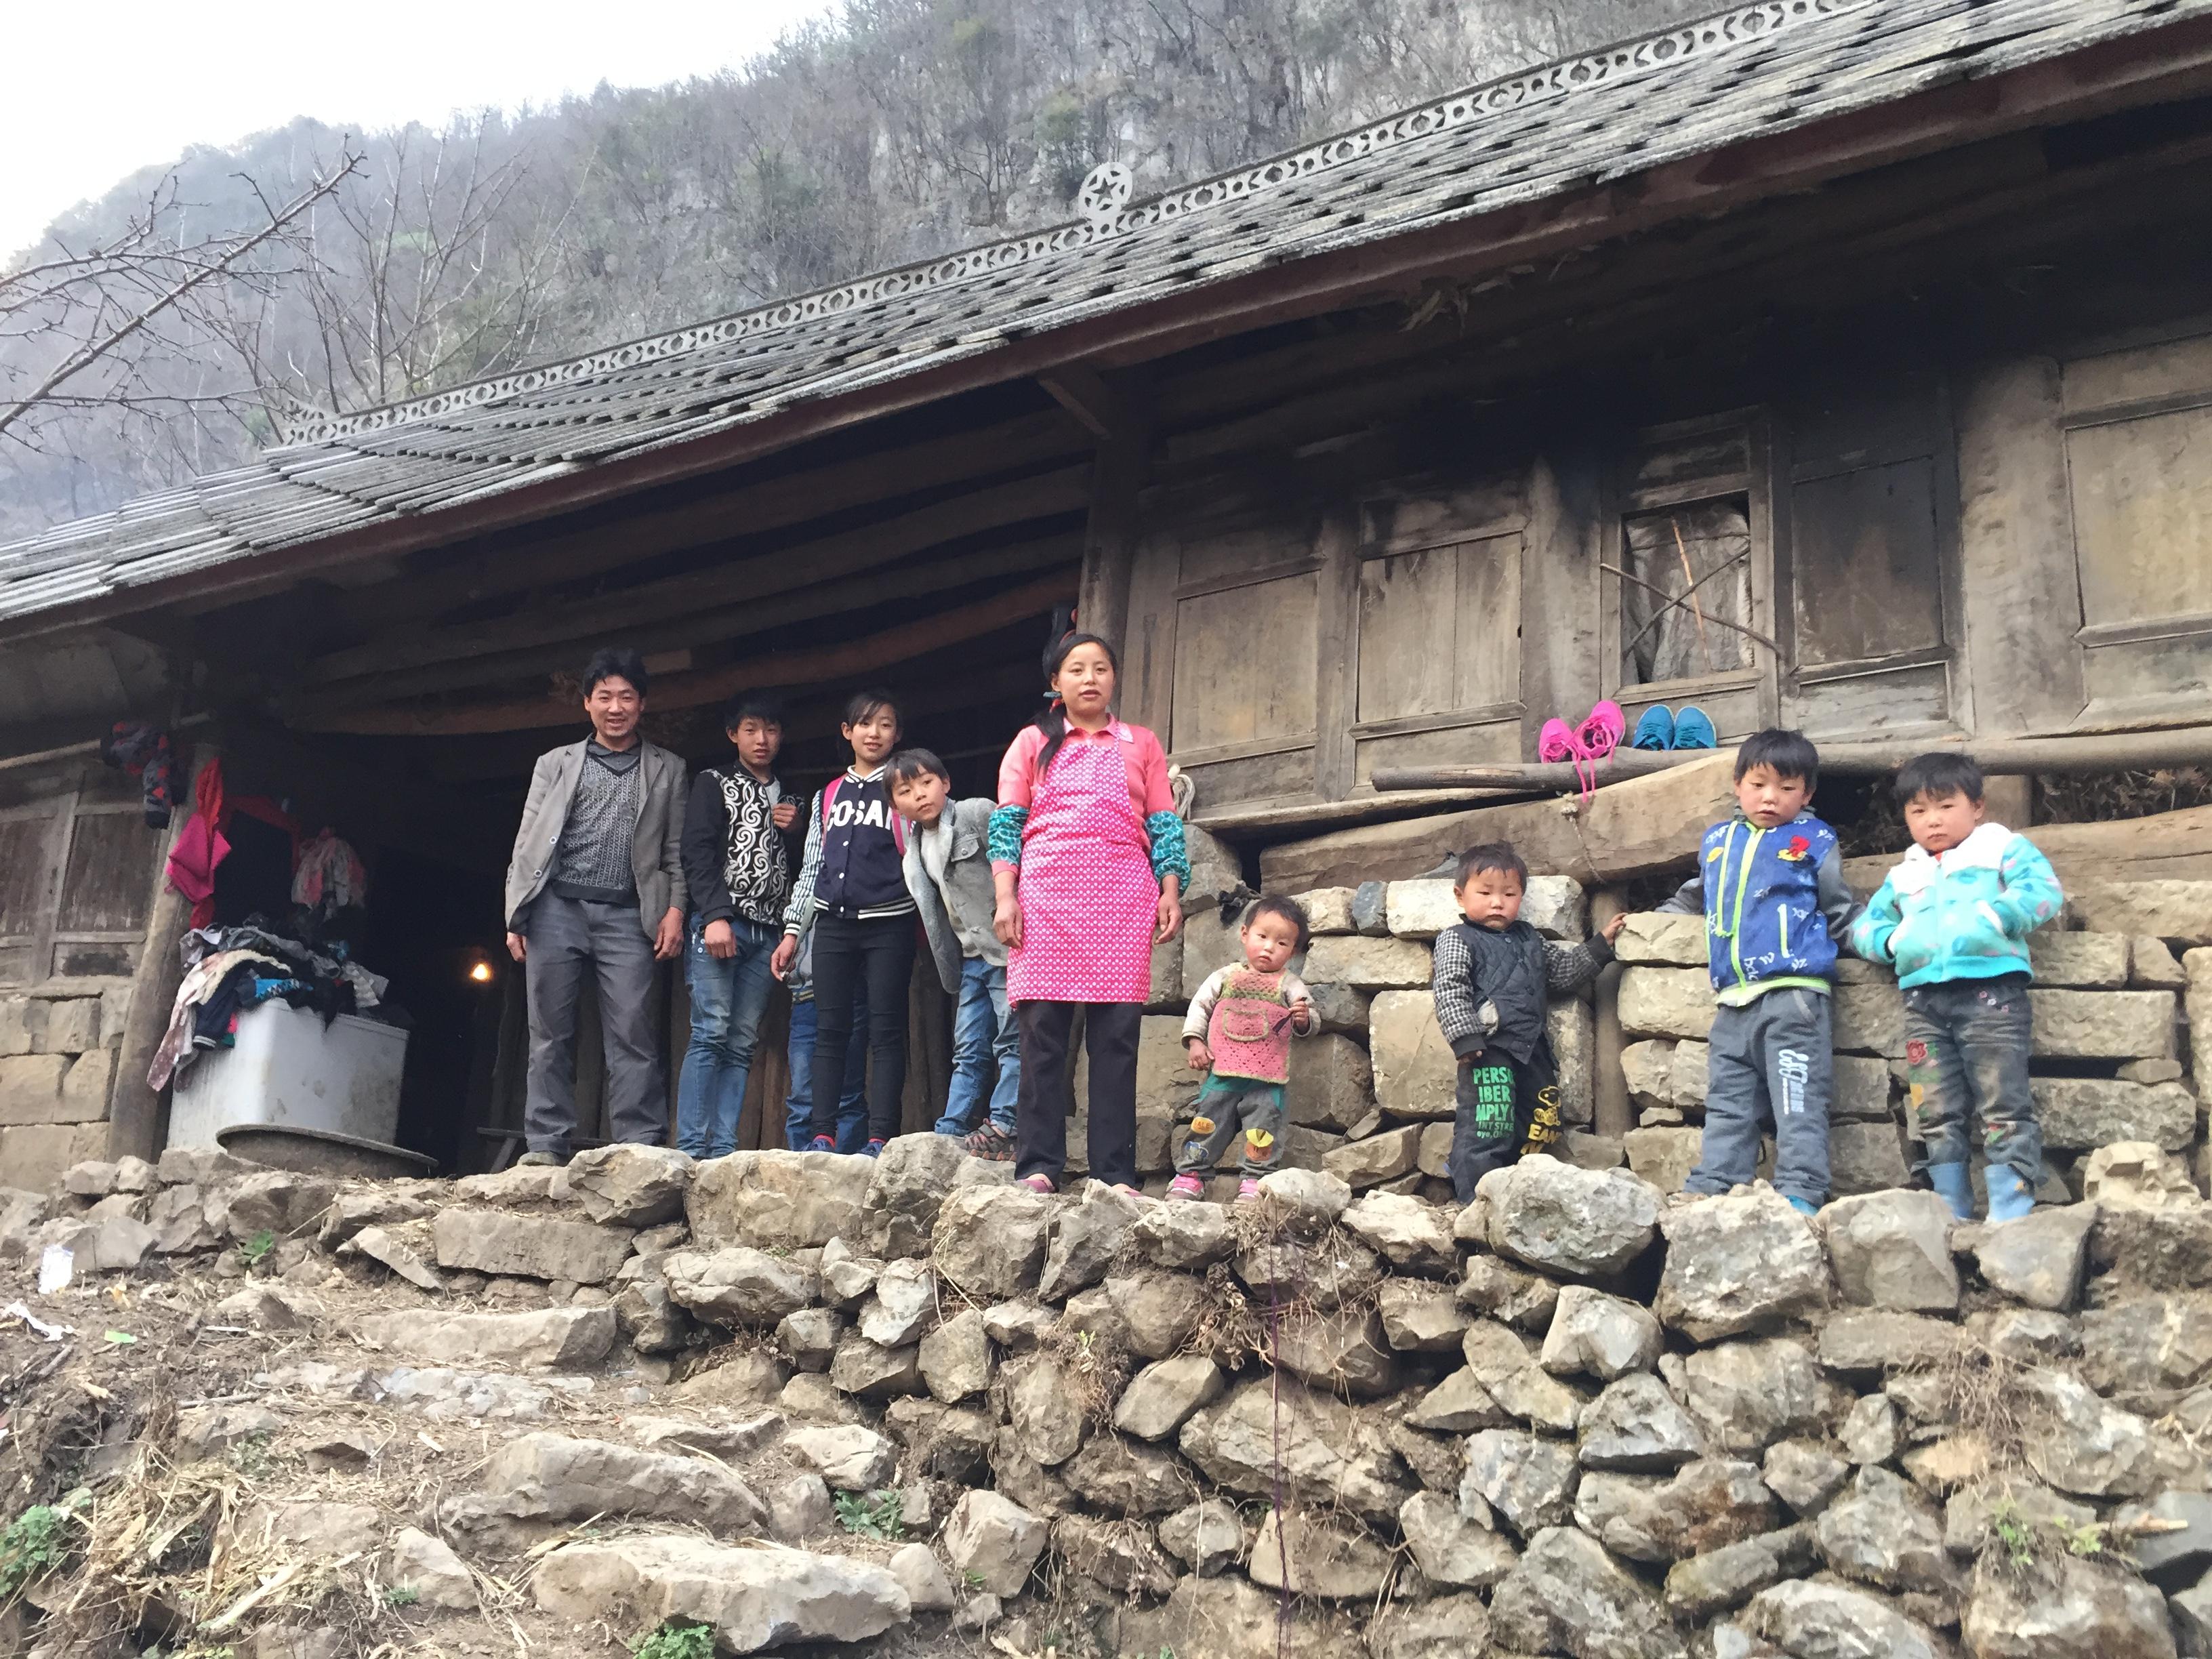 赵海兄妹放学后,团聚的一家人 作者供图